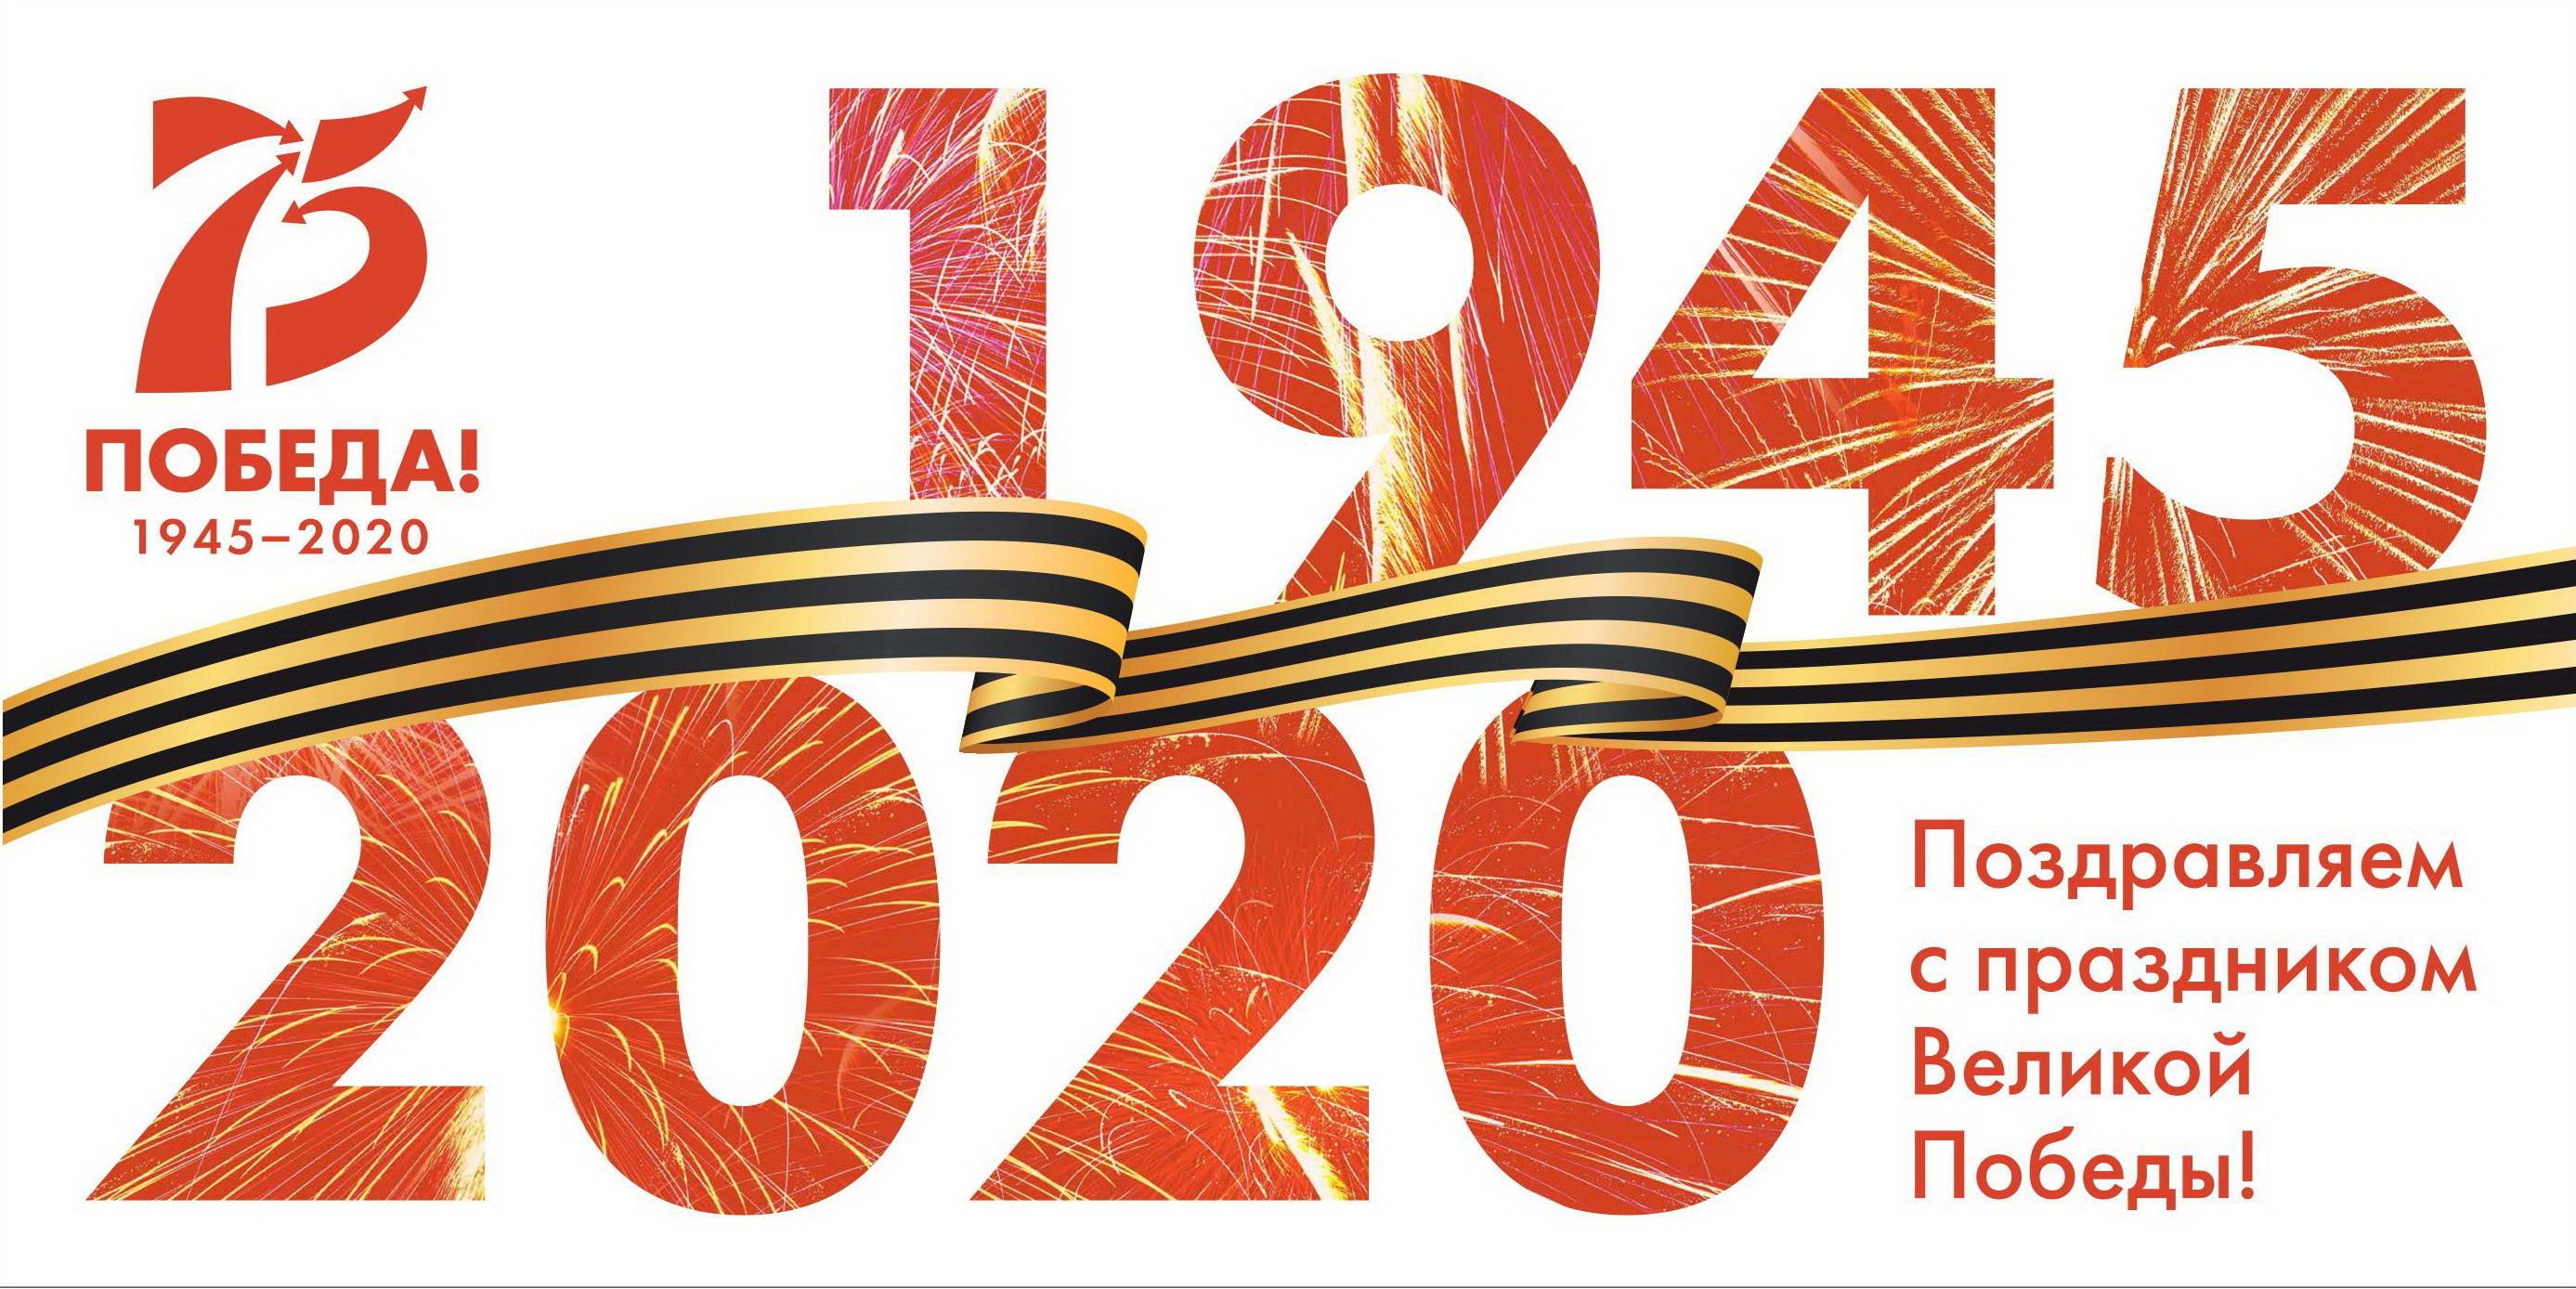 Конференция к 75-летию Великой Победы на тему: «Интернациональное единство народов Северного Кавказа в борьбе с фашизмом в годы Великой Отечественной войны»